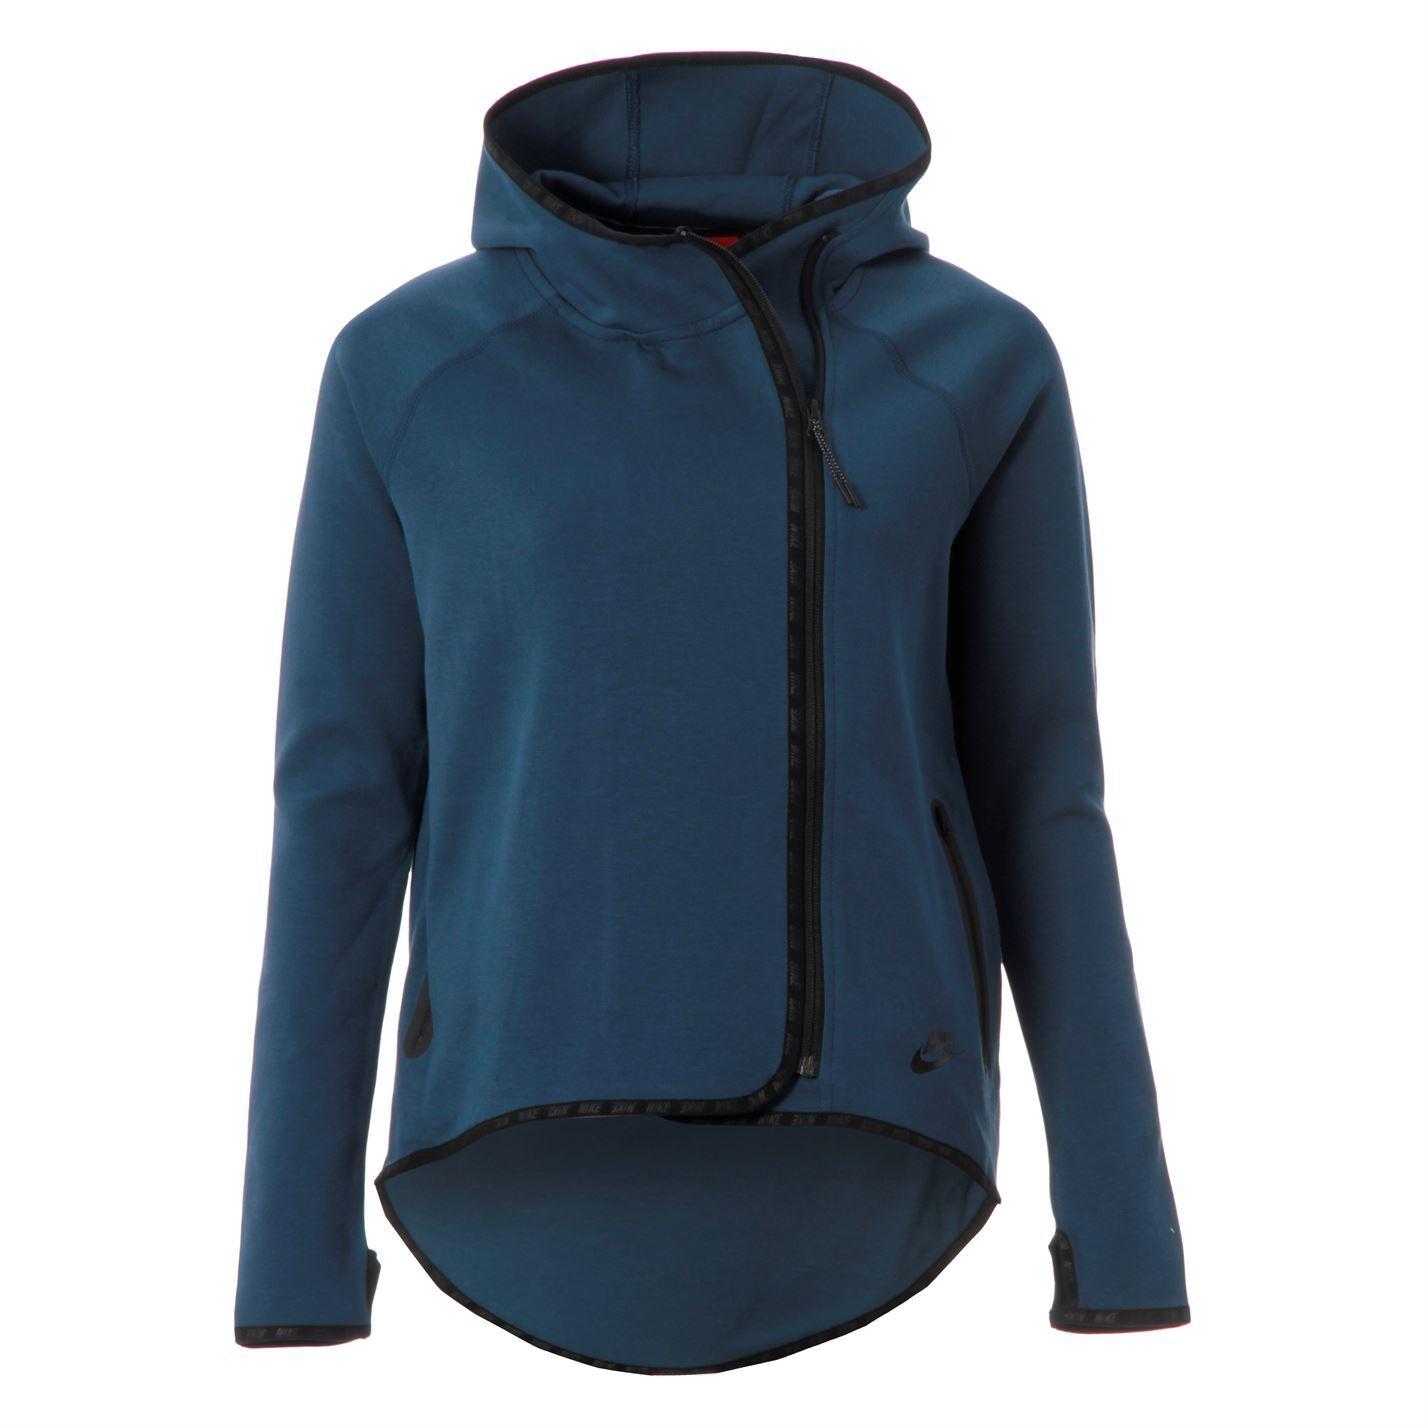 Nike Womens Ladies Tec Fleece Cape Side Zipper Long Sleeve